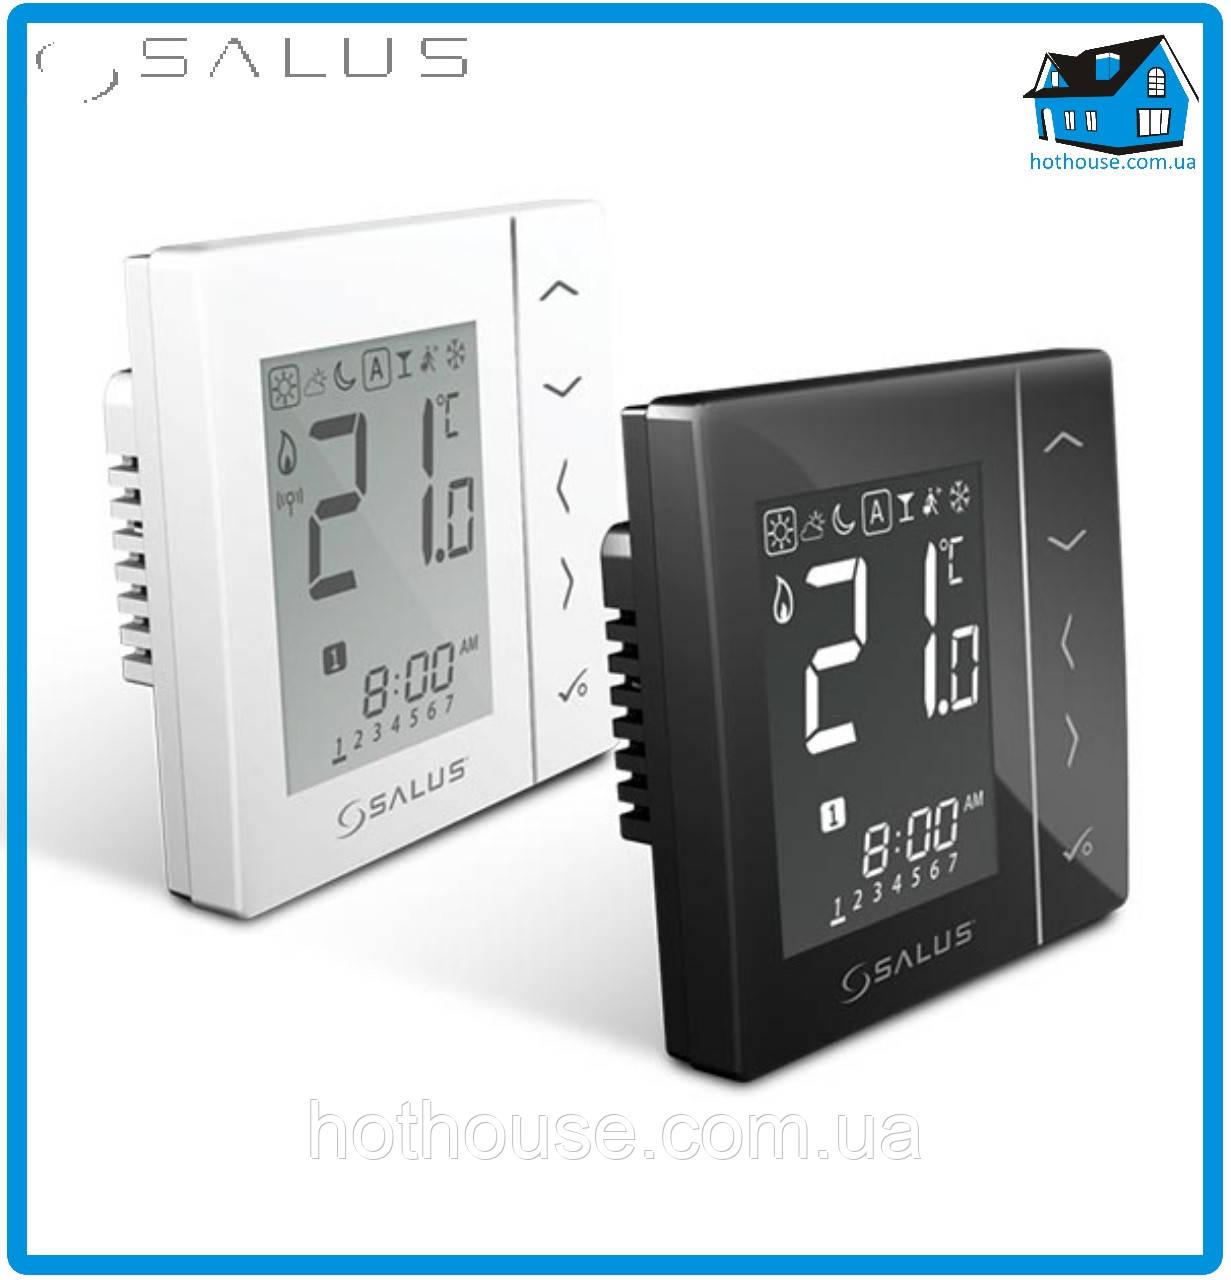 Беспроводной комнатный термостат с цифровой индикацией 4 в 1, 230V, черный VS10BRF